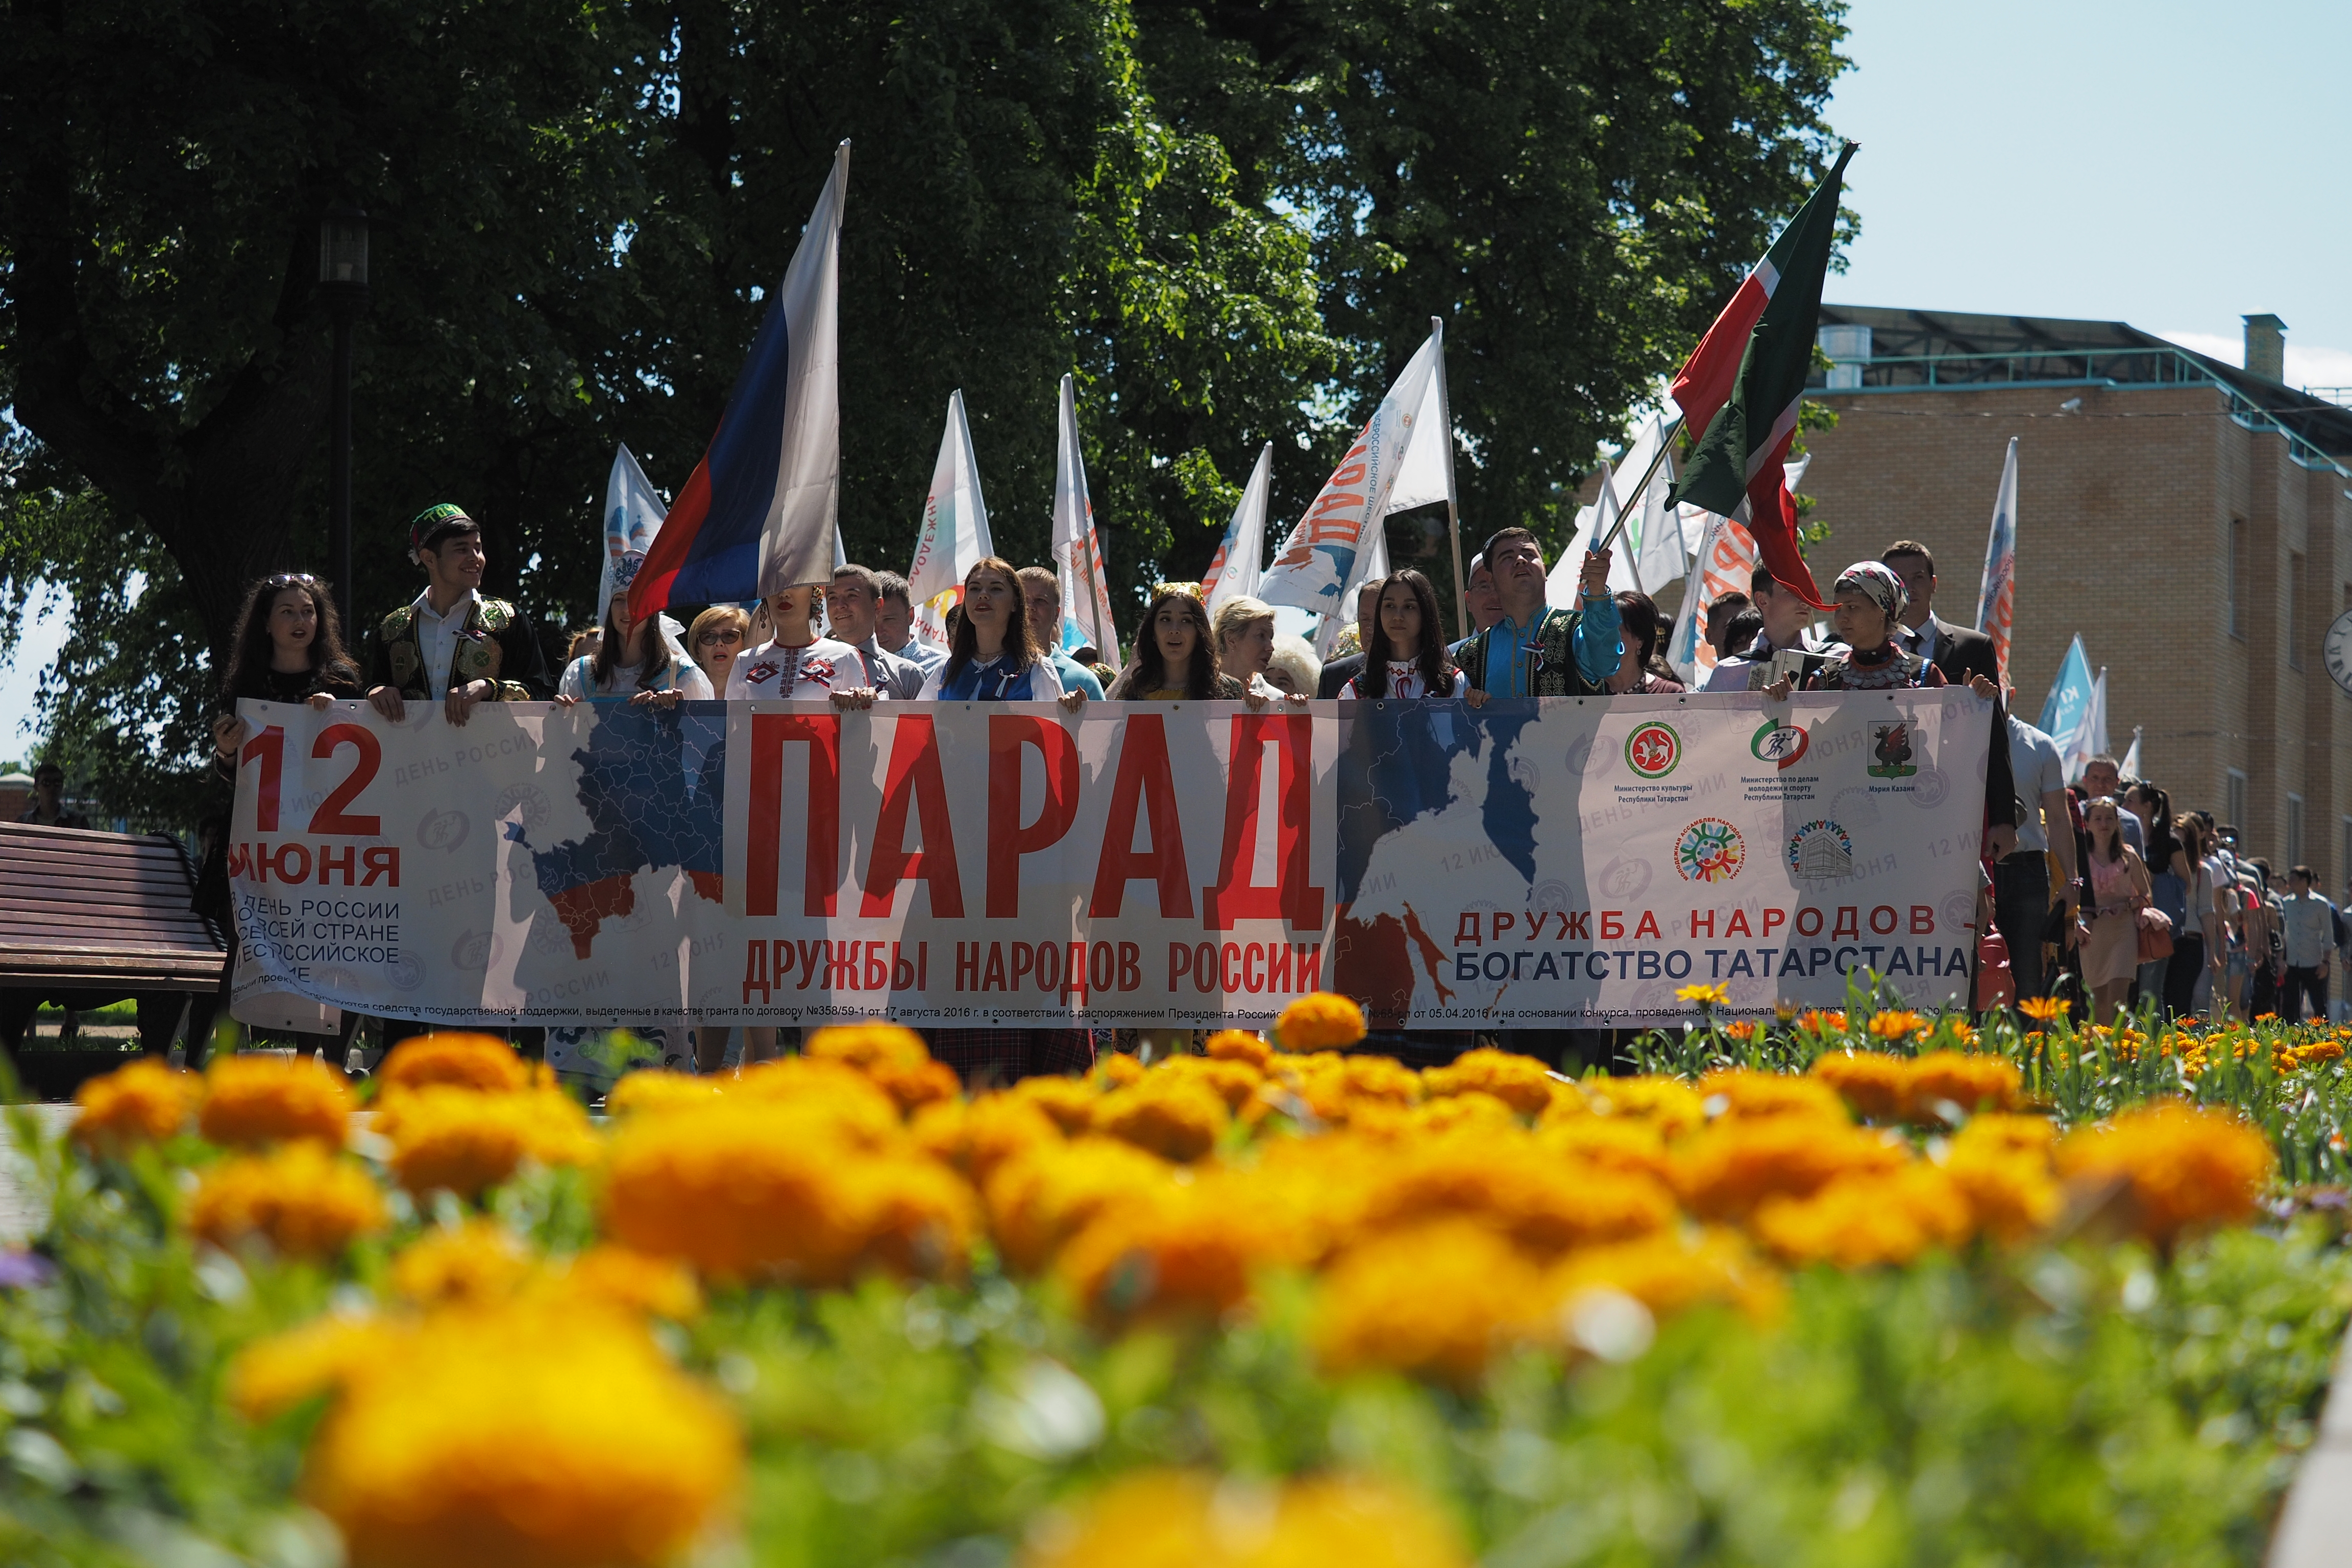 ВКазани впервый раз прошел парад дружбы народов